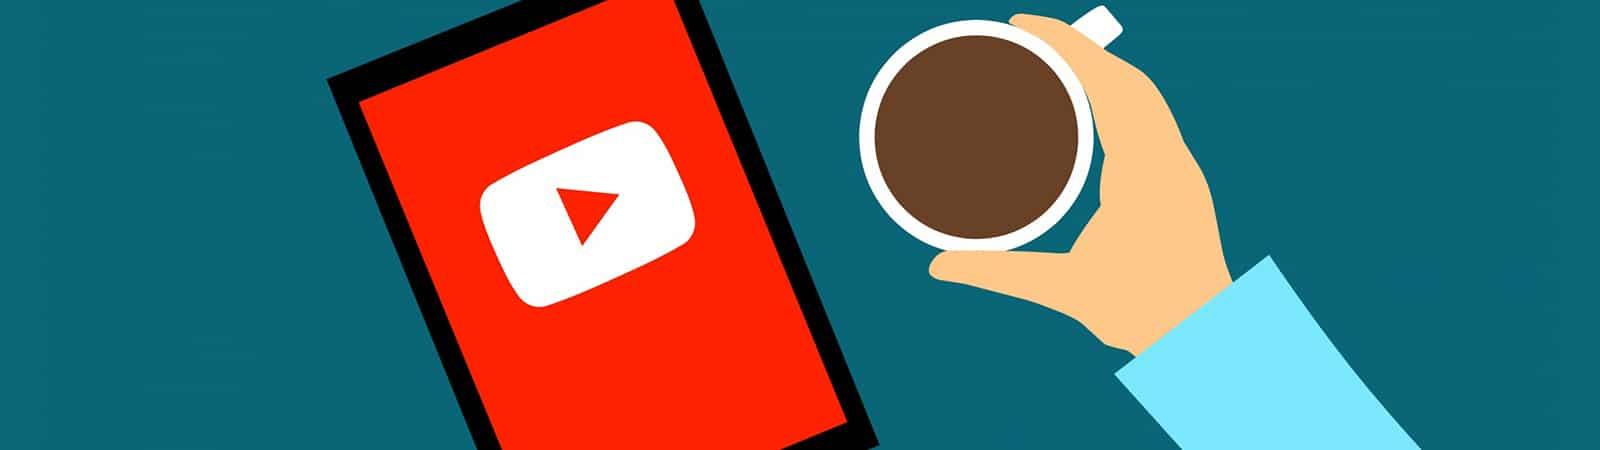 Video social media